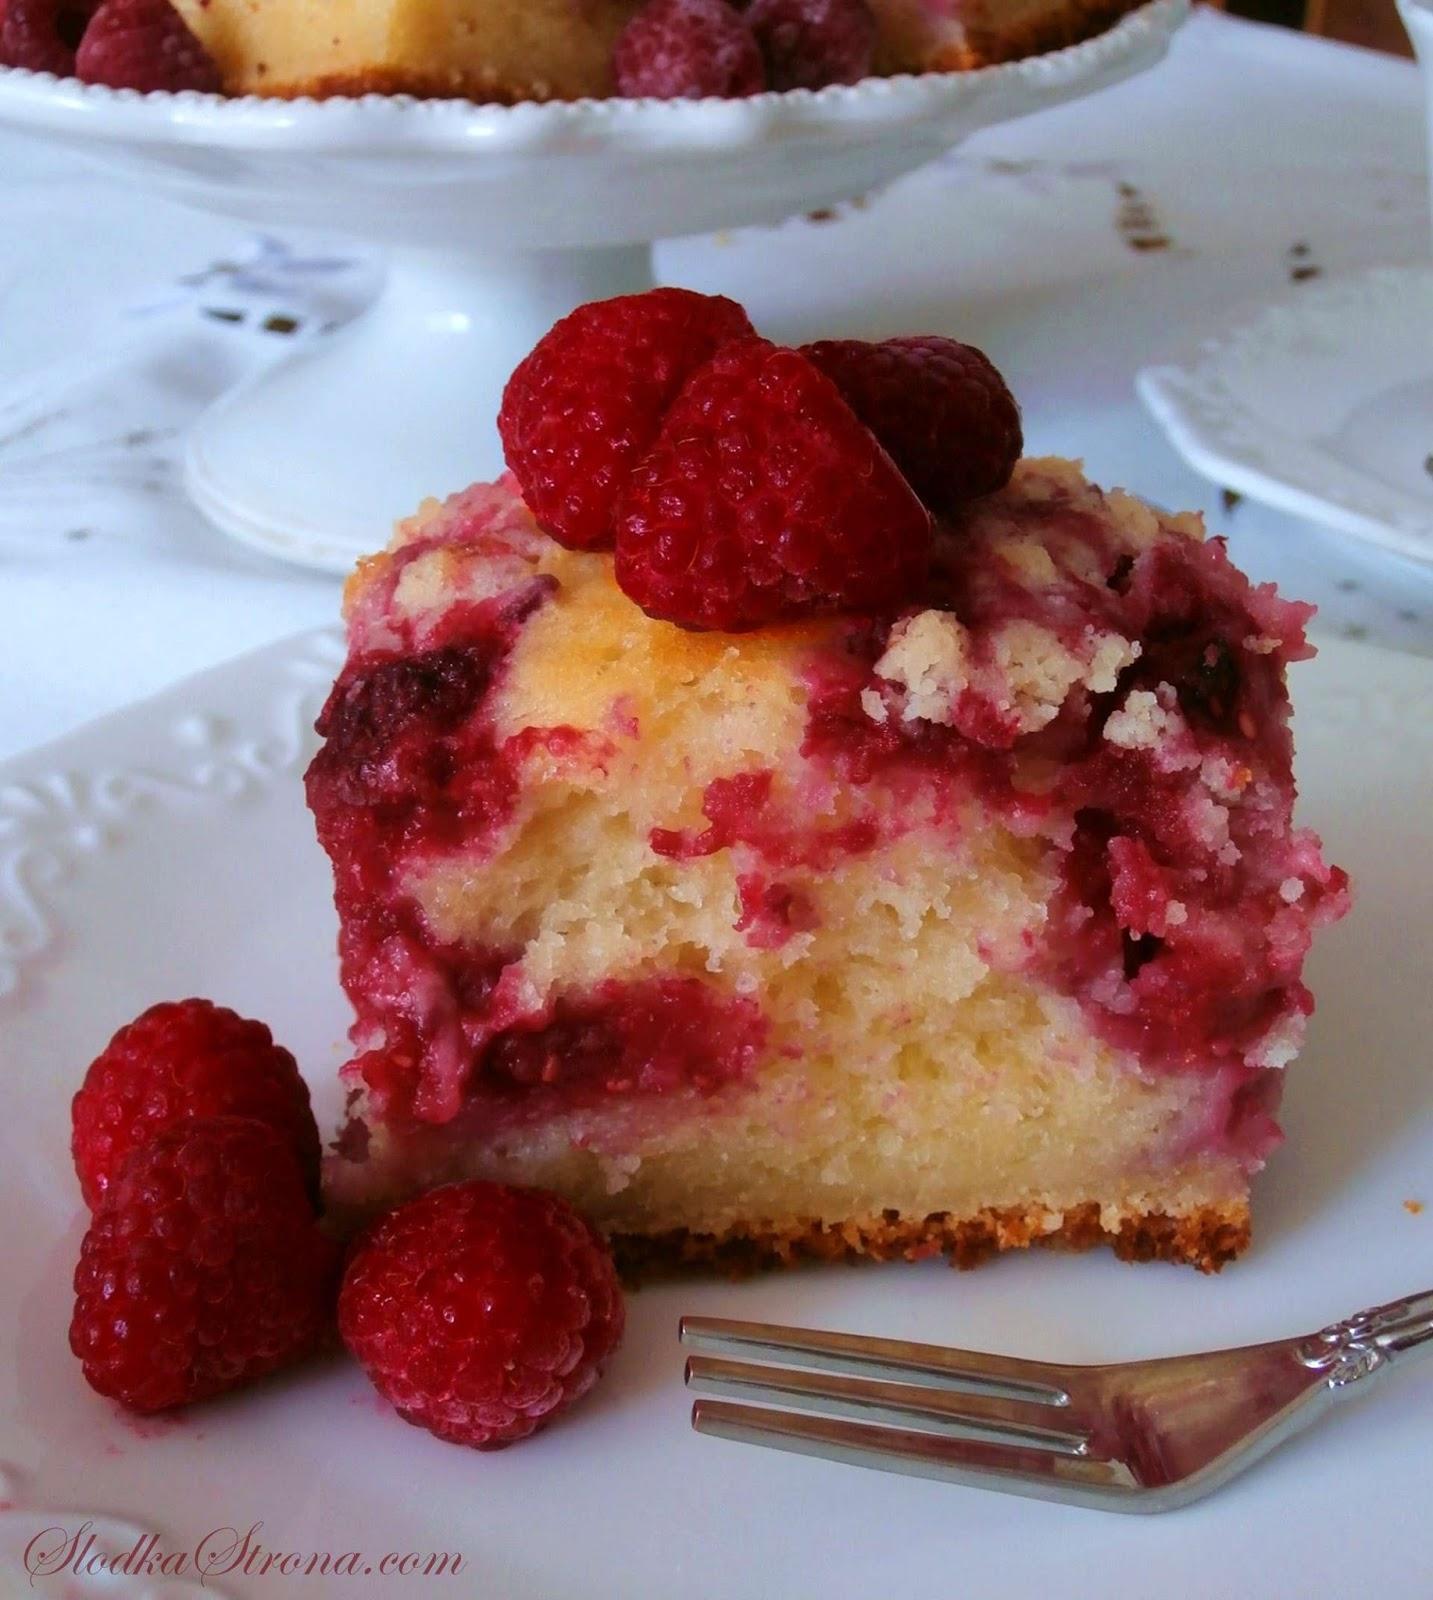 Ciasto Jogurtowe z Kruszonką i Owocami - Przepis - Słodka Strona